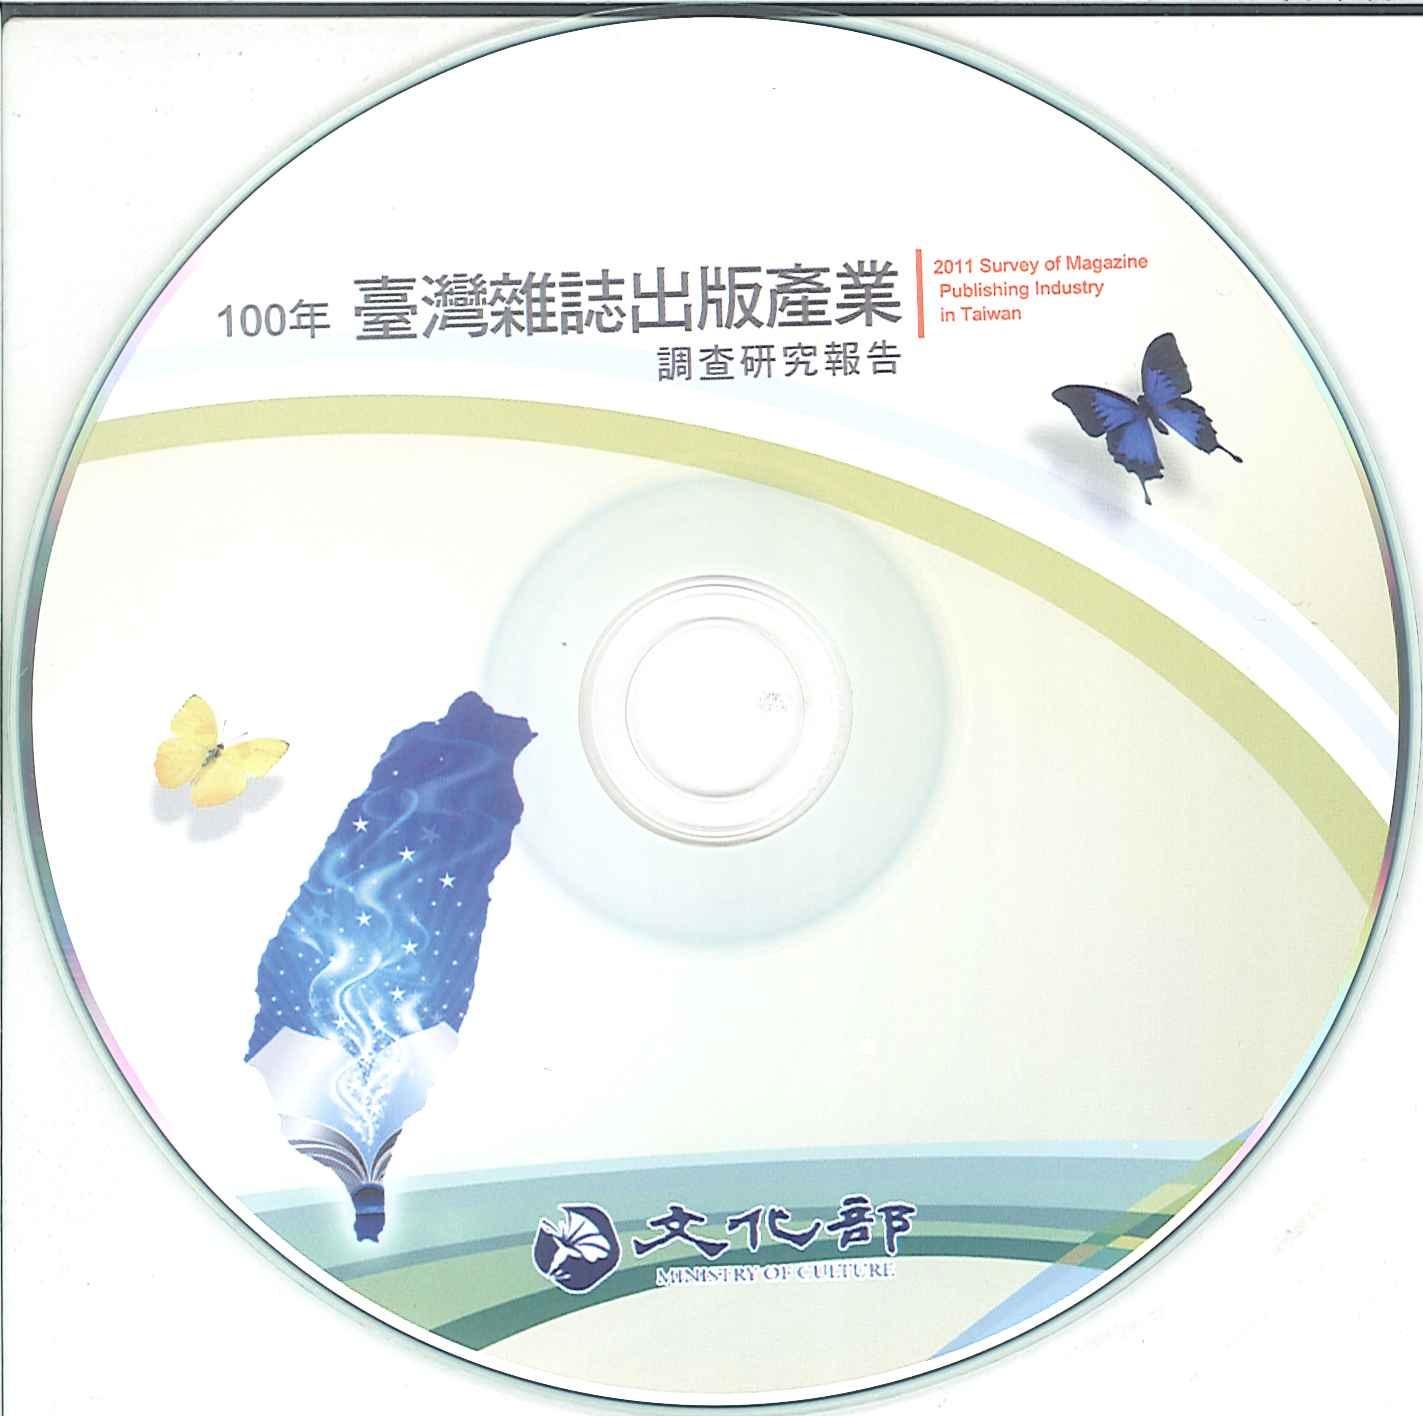 台灣雜誌出版產業調查研究報告 [電子書].100年=Survey of magazine publishing industry in Taiwan